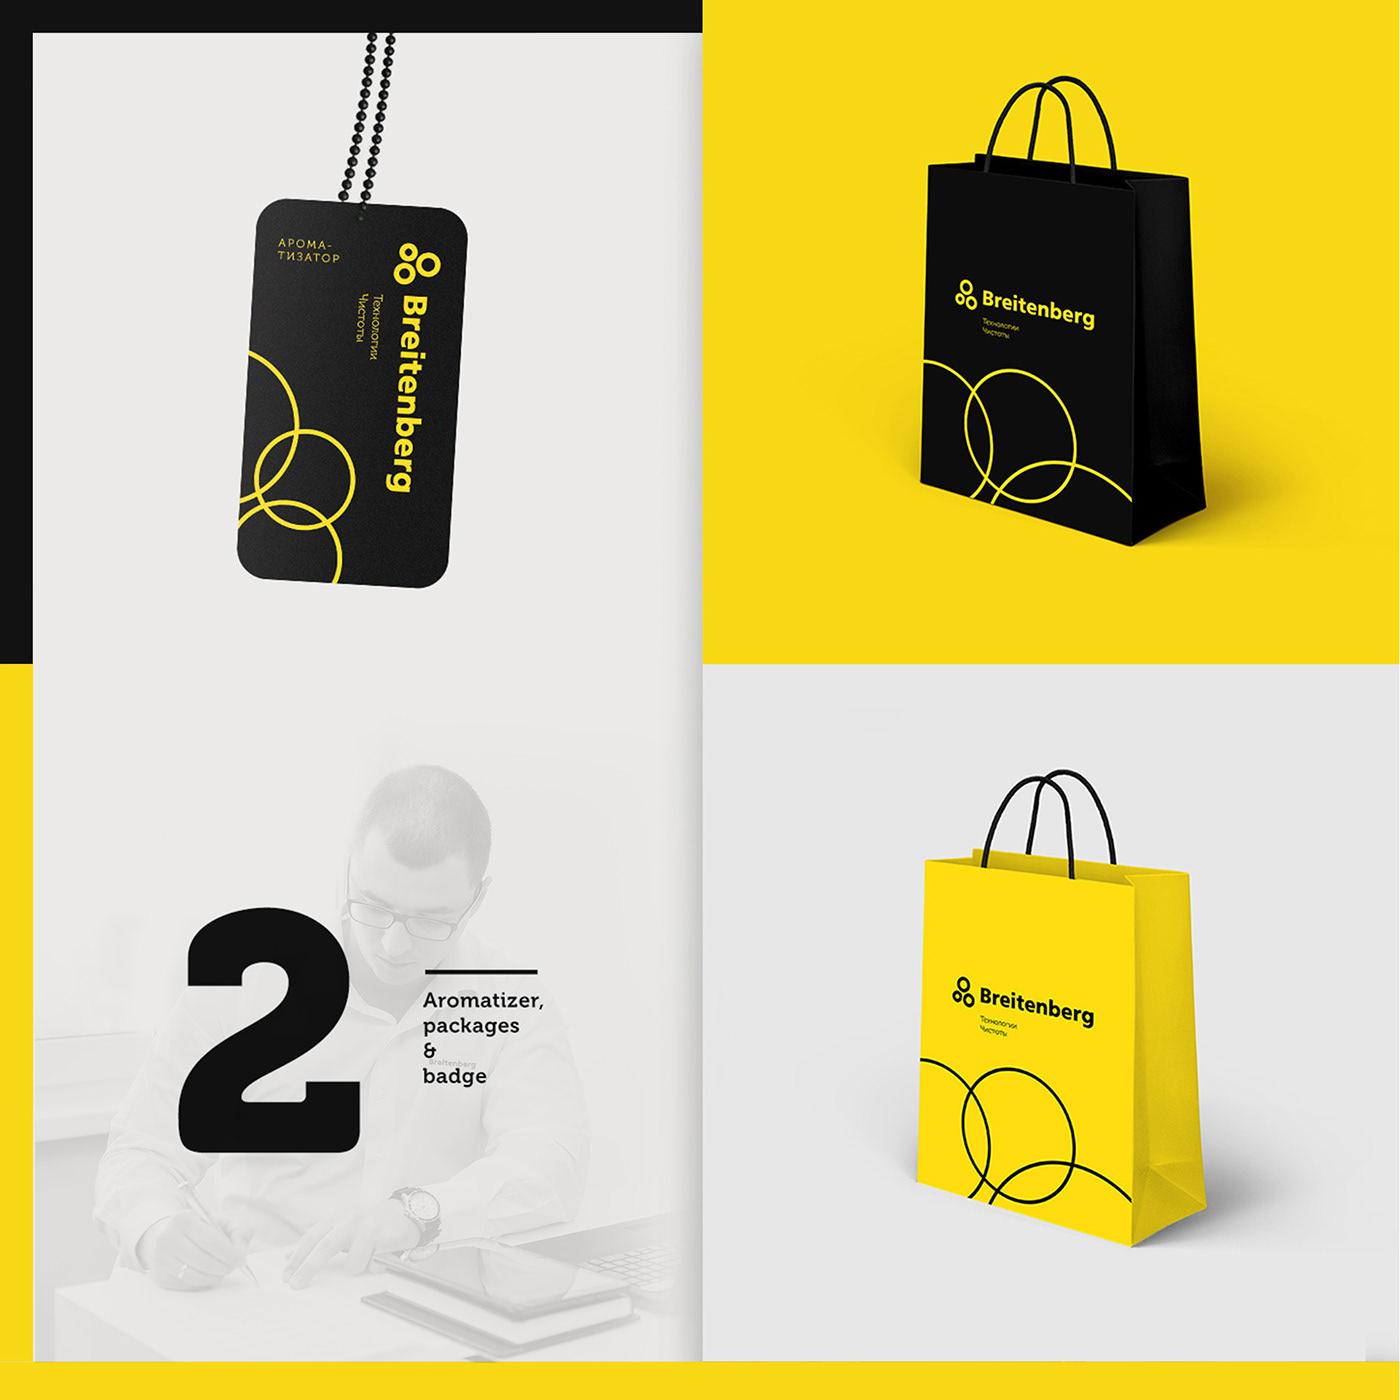 品牌图形标识设计方案 -brand-4